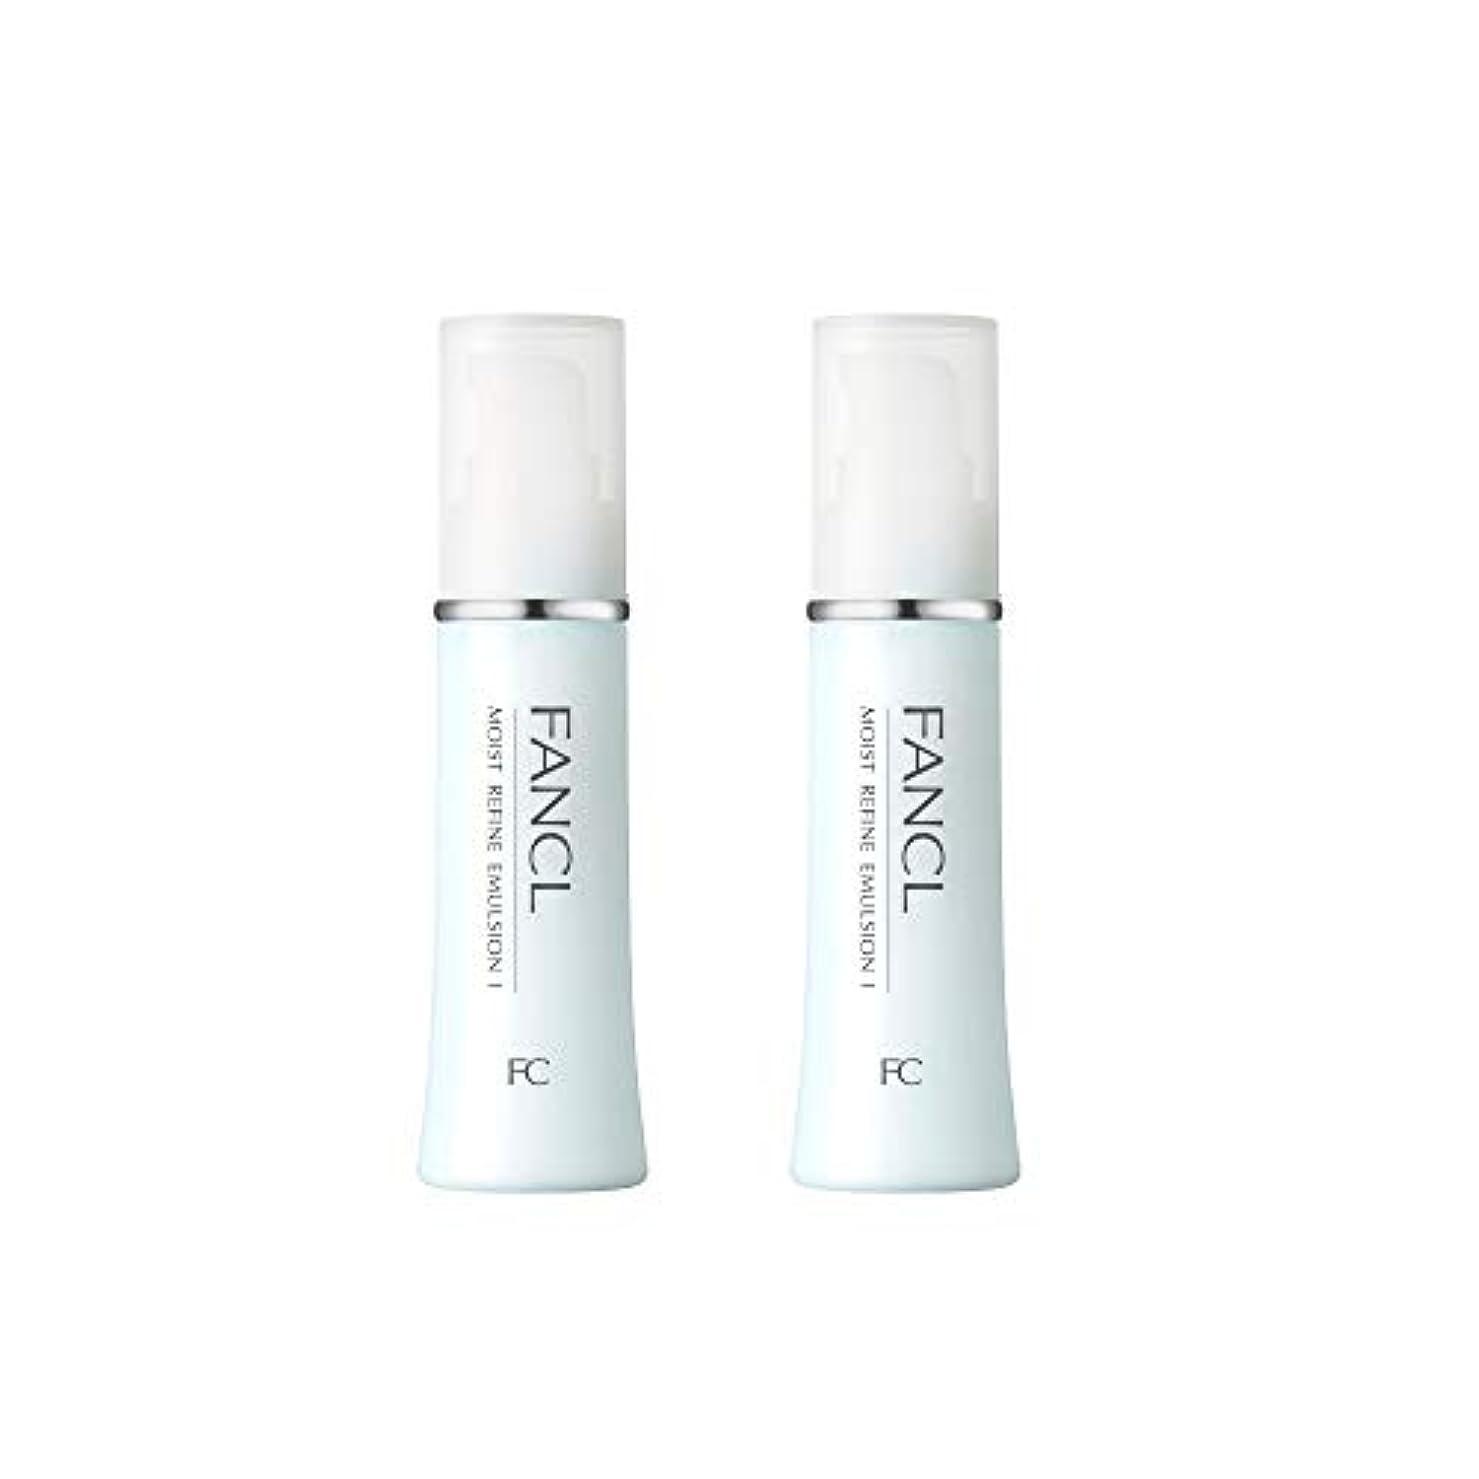 ファンケル (FANCL) モイストリファイン 乳液I さっぱり 2本セット 30mL×2 (約60日分)